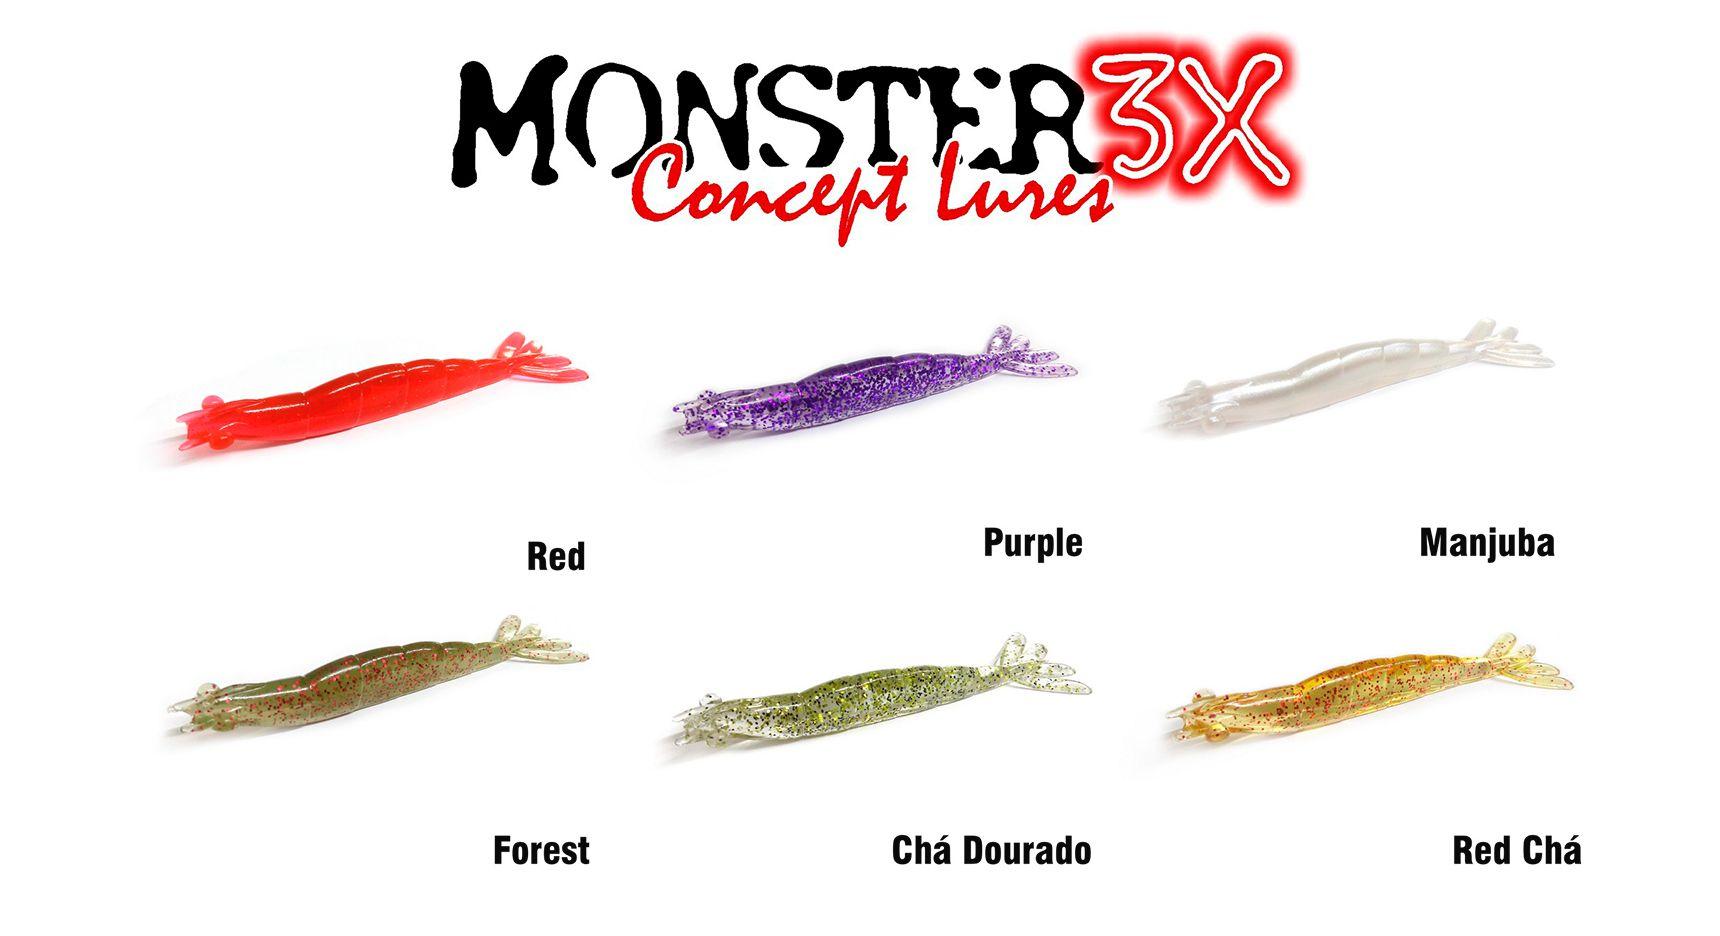 Isca Artificial Soft Monster 3X X-Solid (8 cm) 5 Unidades - Várias Cores  - Life Pesca - Sua loja de Pesca, Camping e Lazer